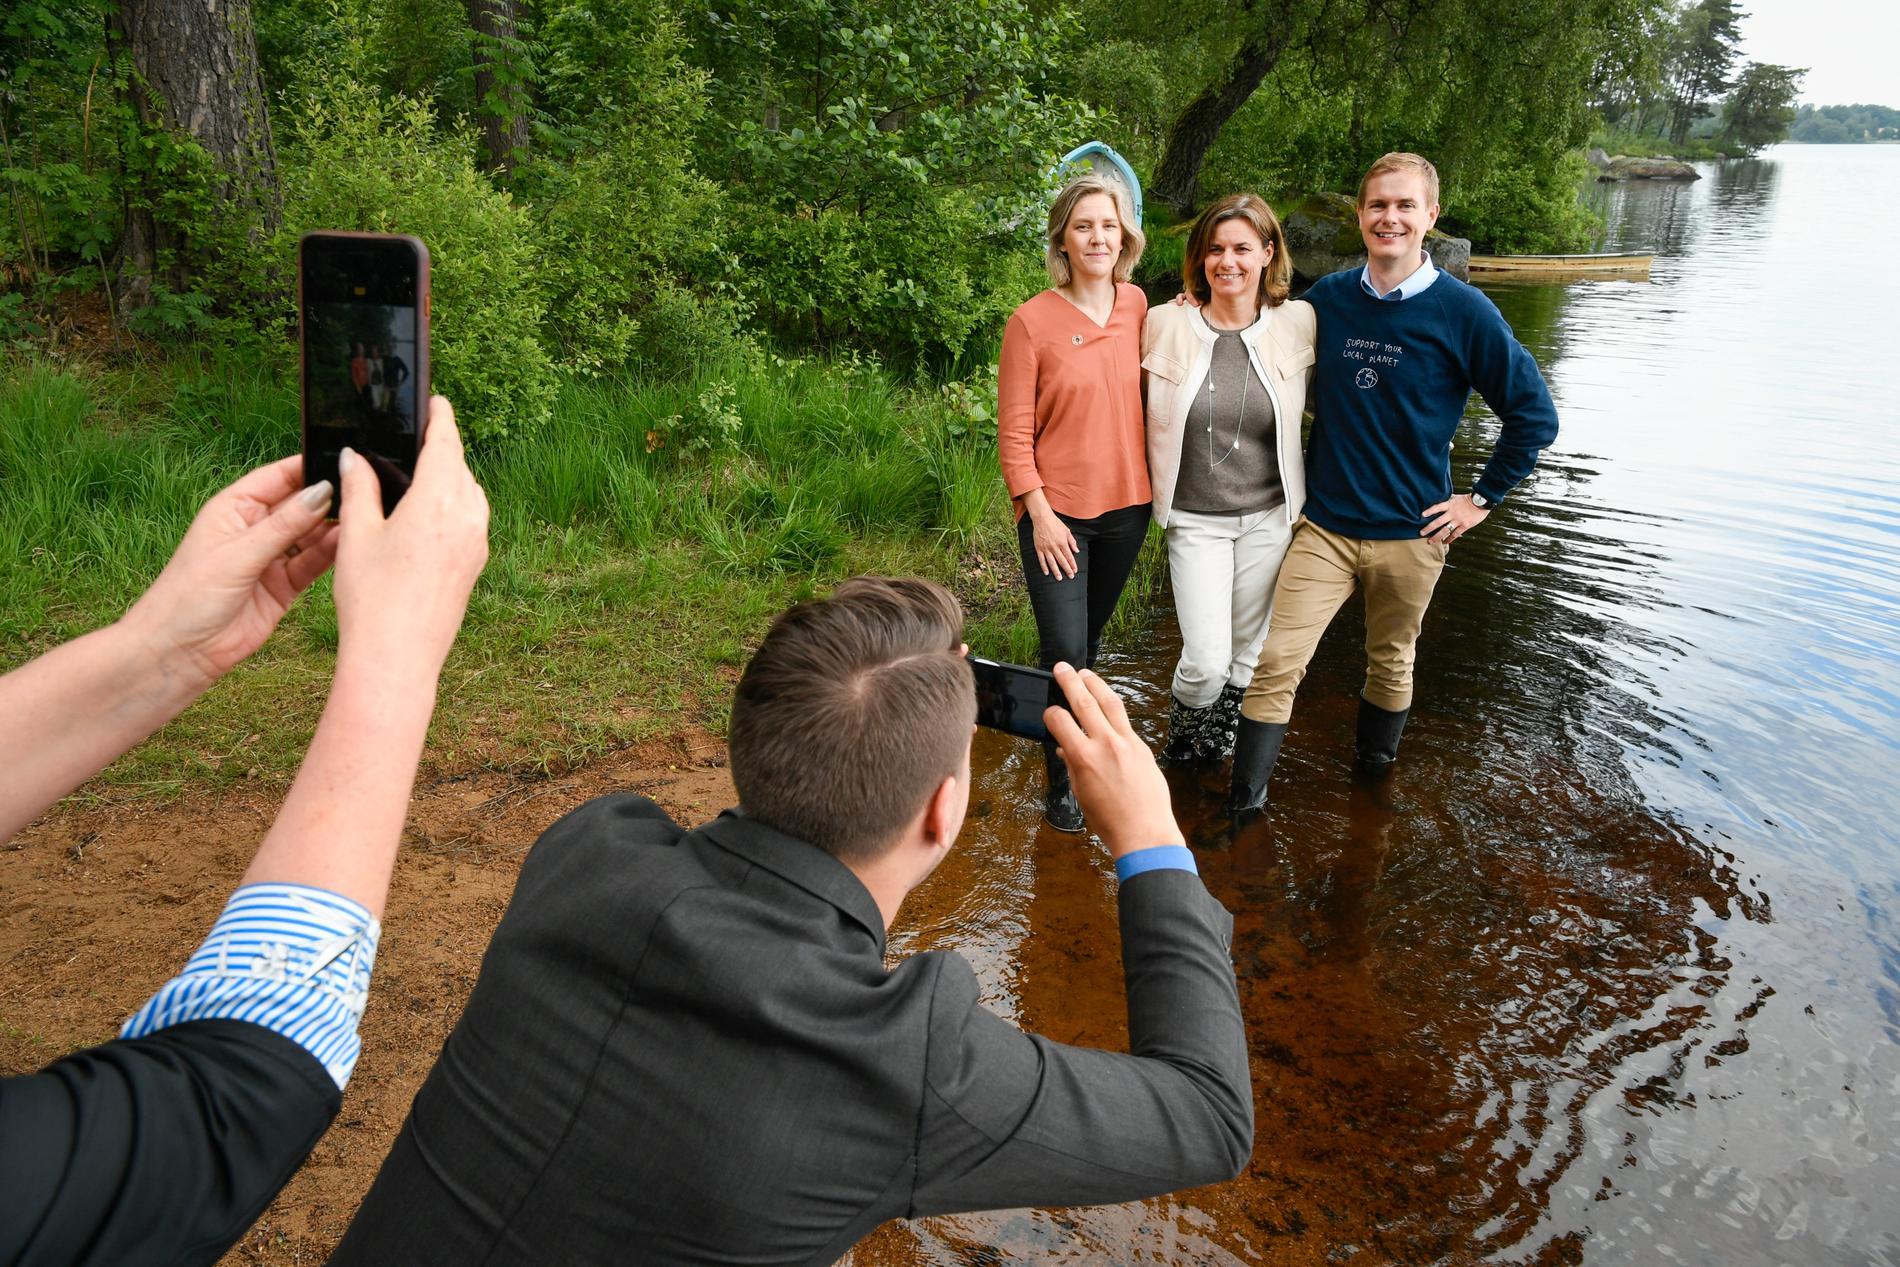 Miljöminister Karolina Skog, klimatminister Isabella Lövin och utbildningsminister Gustav Fridolin om budgetsatsningen för att förebygga torka och låga grundvattennivåer.